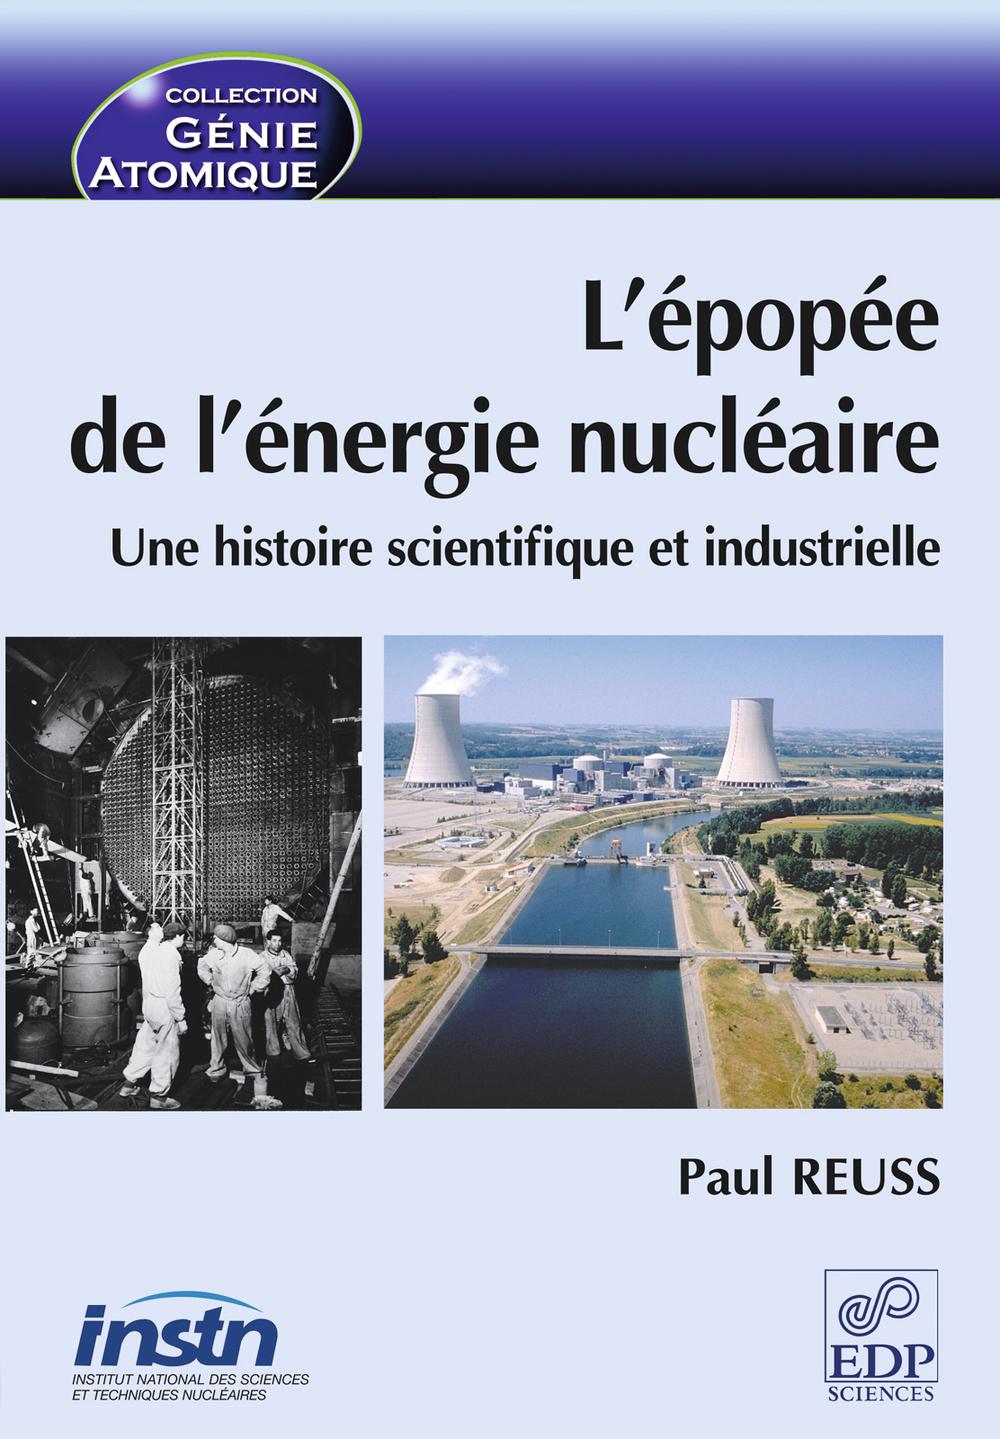 L'épopée de l'énergie nucléaire ; une histoire scientifique et industrielle